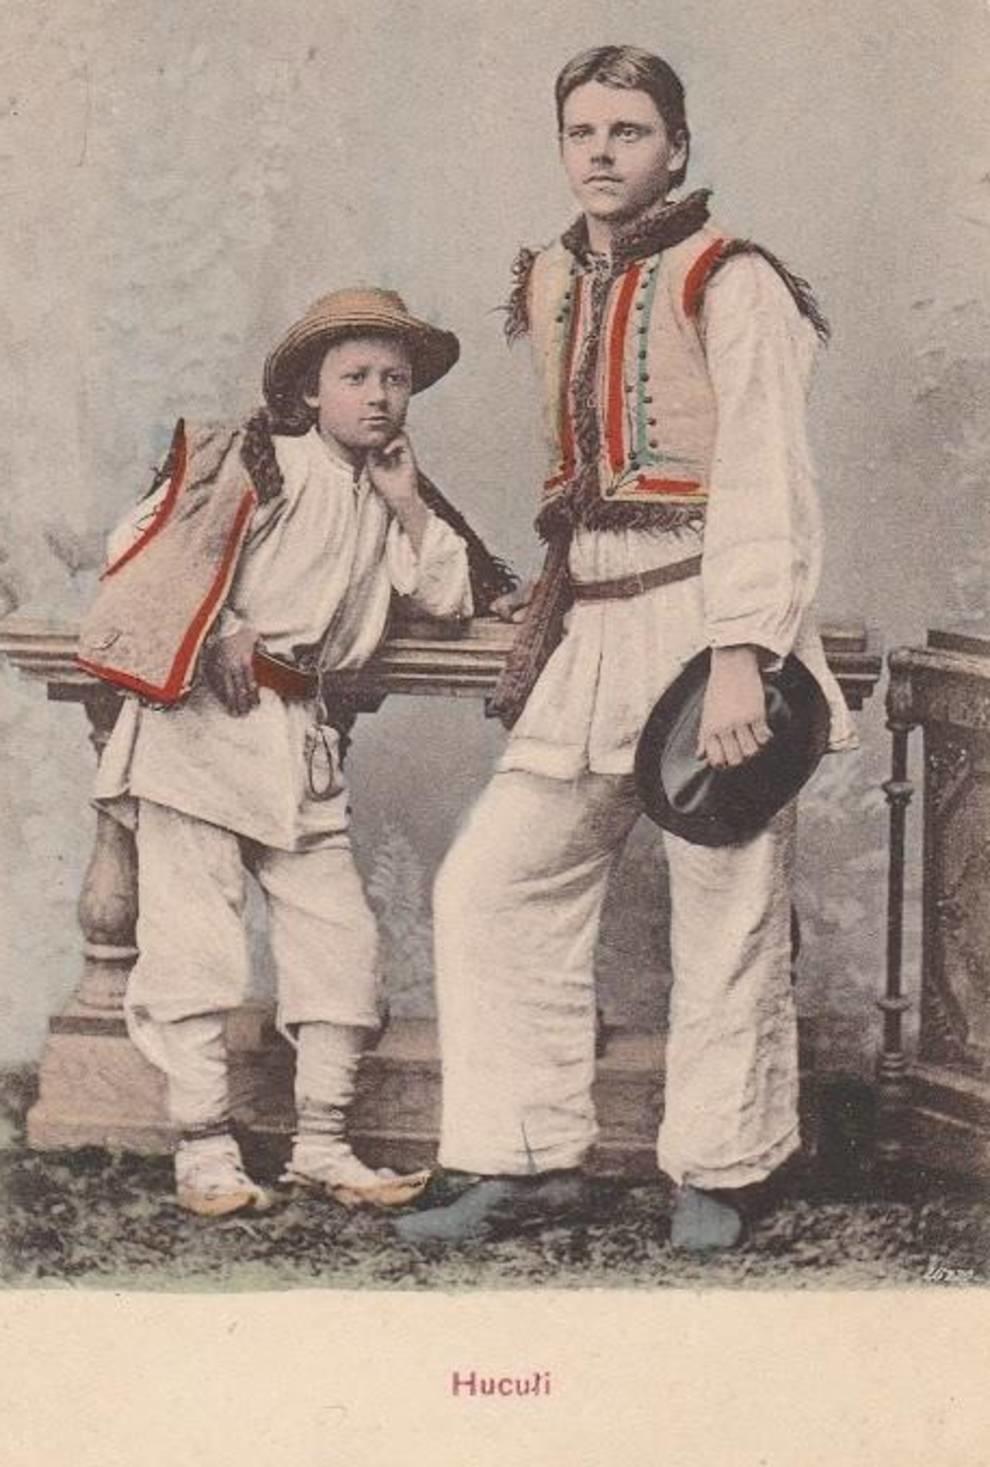 Безрукавки с укарашениями и платья с вышивкой: как одевались гуцулы в первой половине XX века